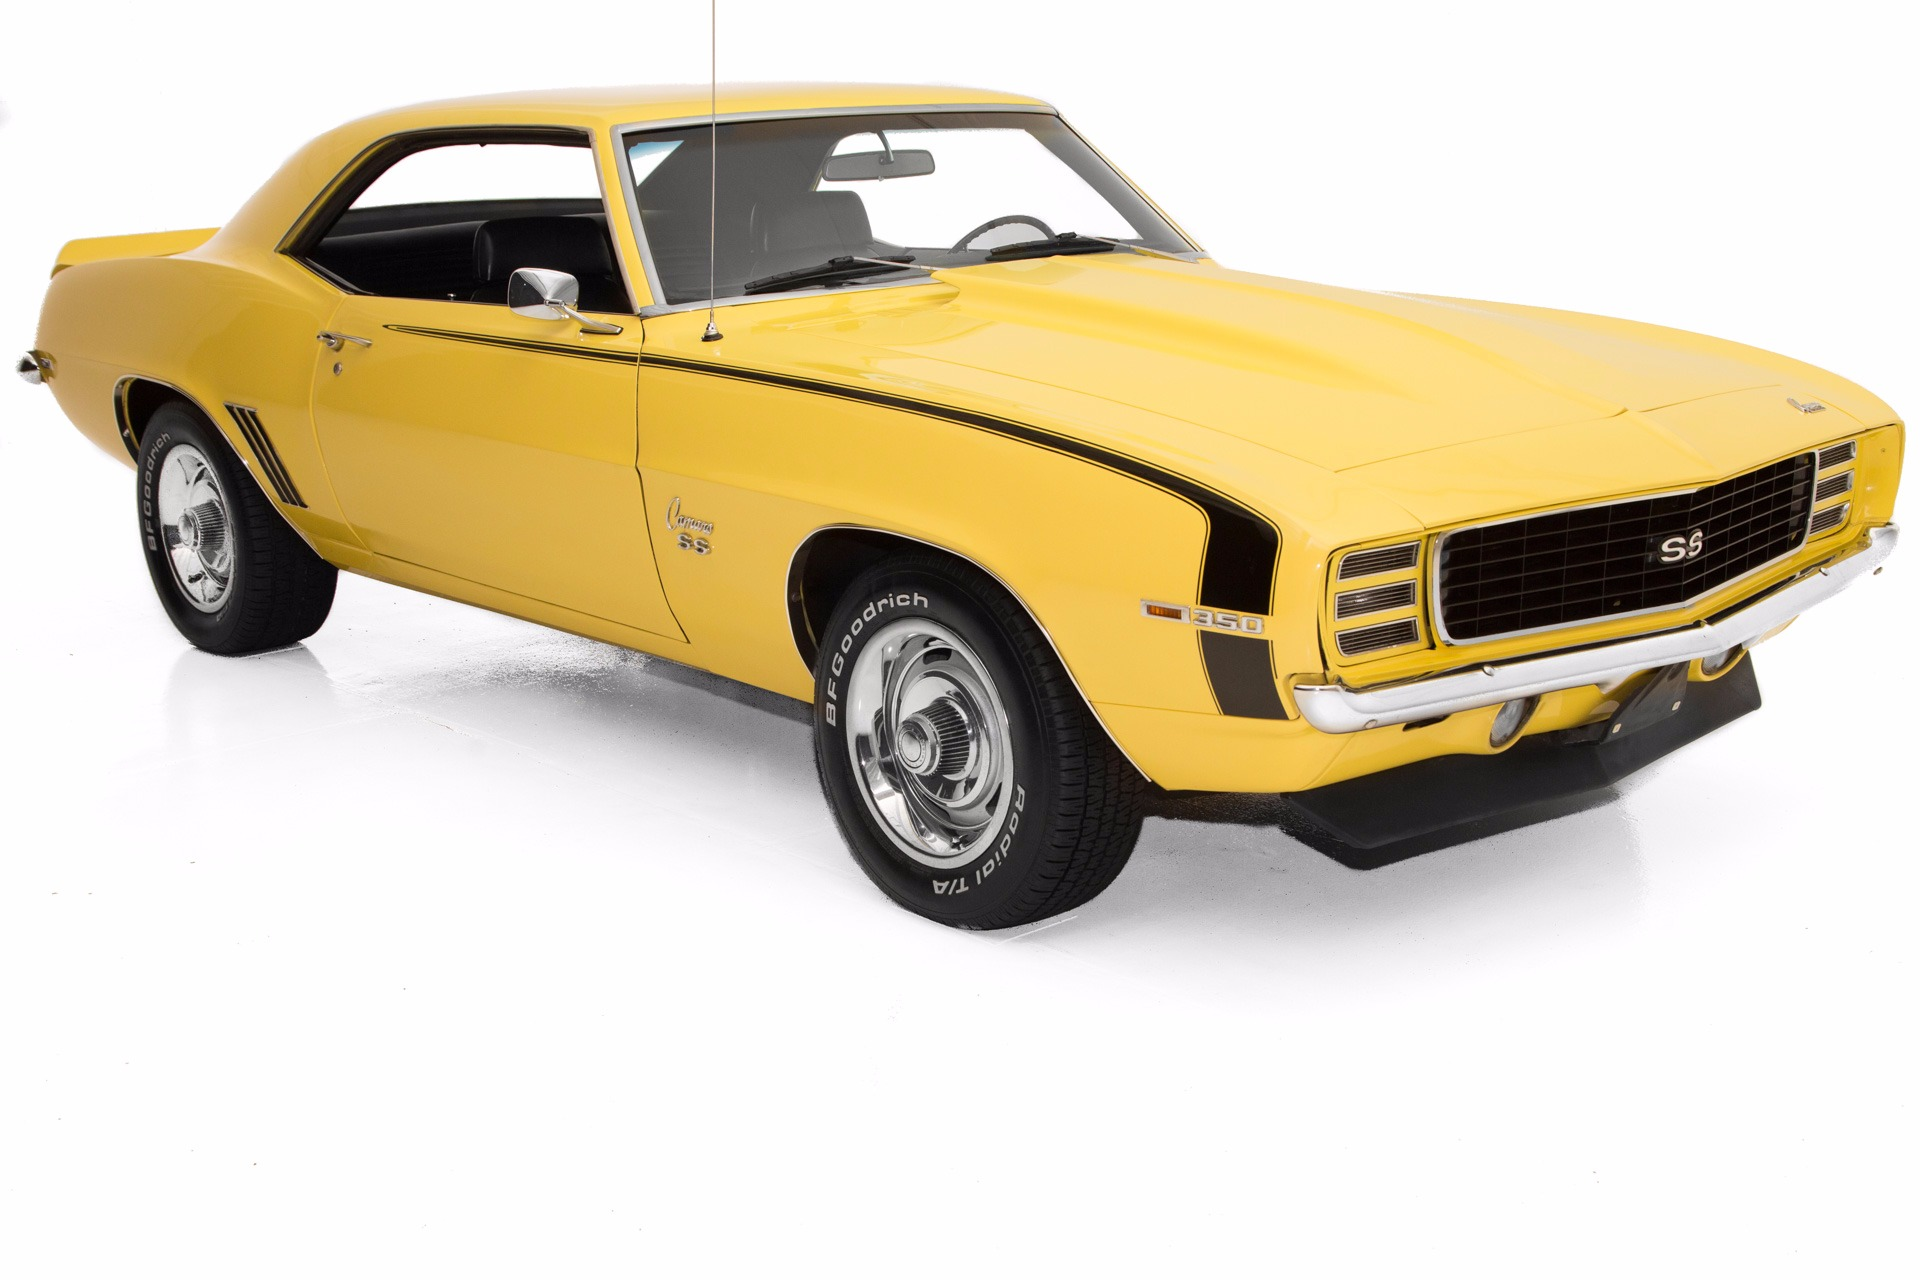 1969 Chevrolet Camaro Daytona Yellow RS